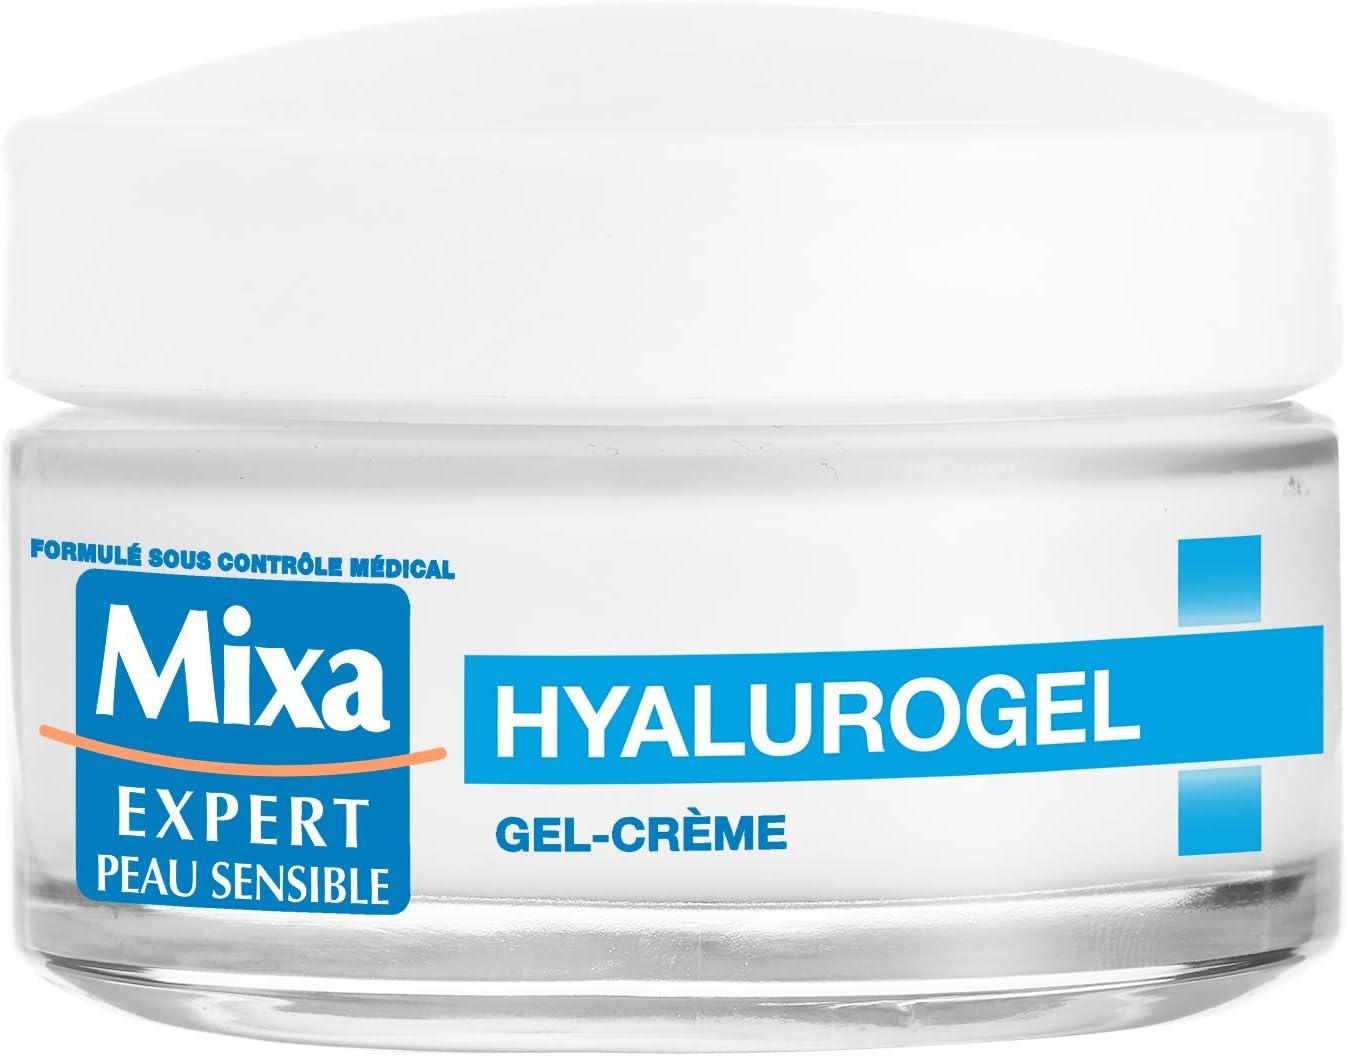 Mixa Expert Peau Sensible - Hyalurogel - Gel-Crème Hydratant Intensif 24H - 50 ml